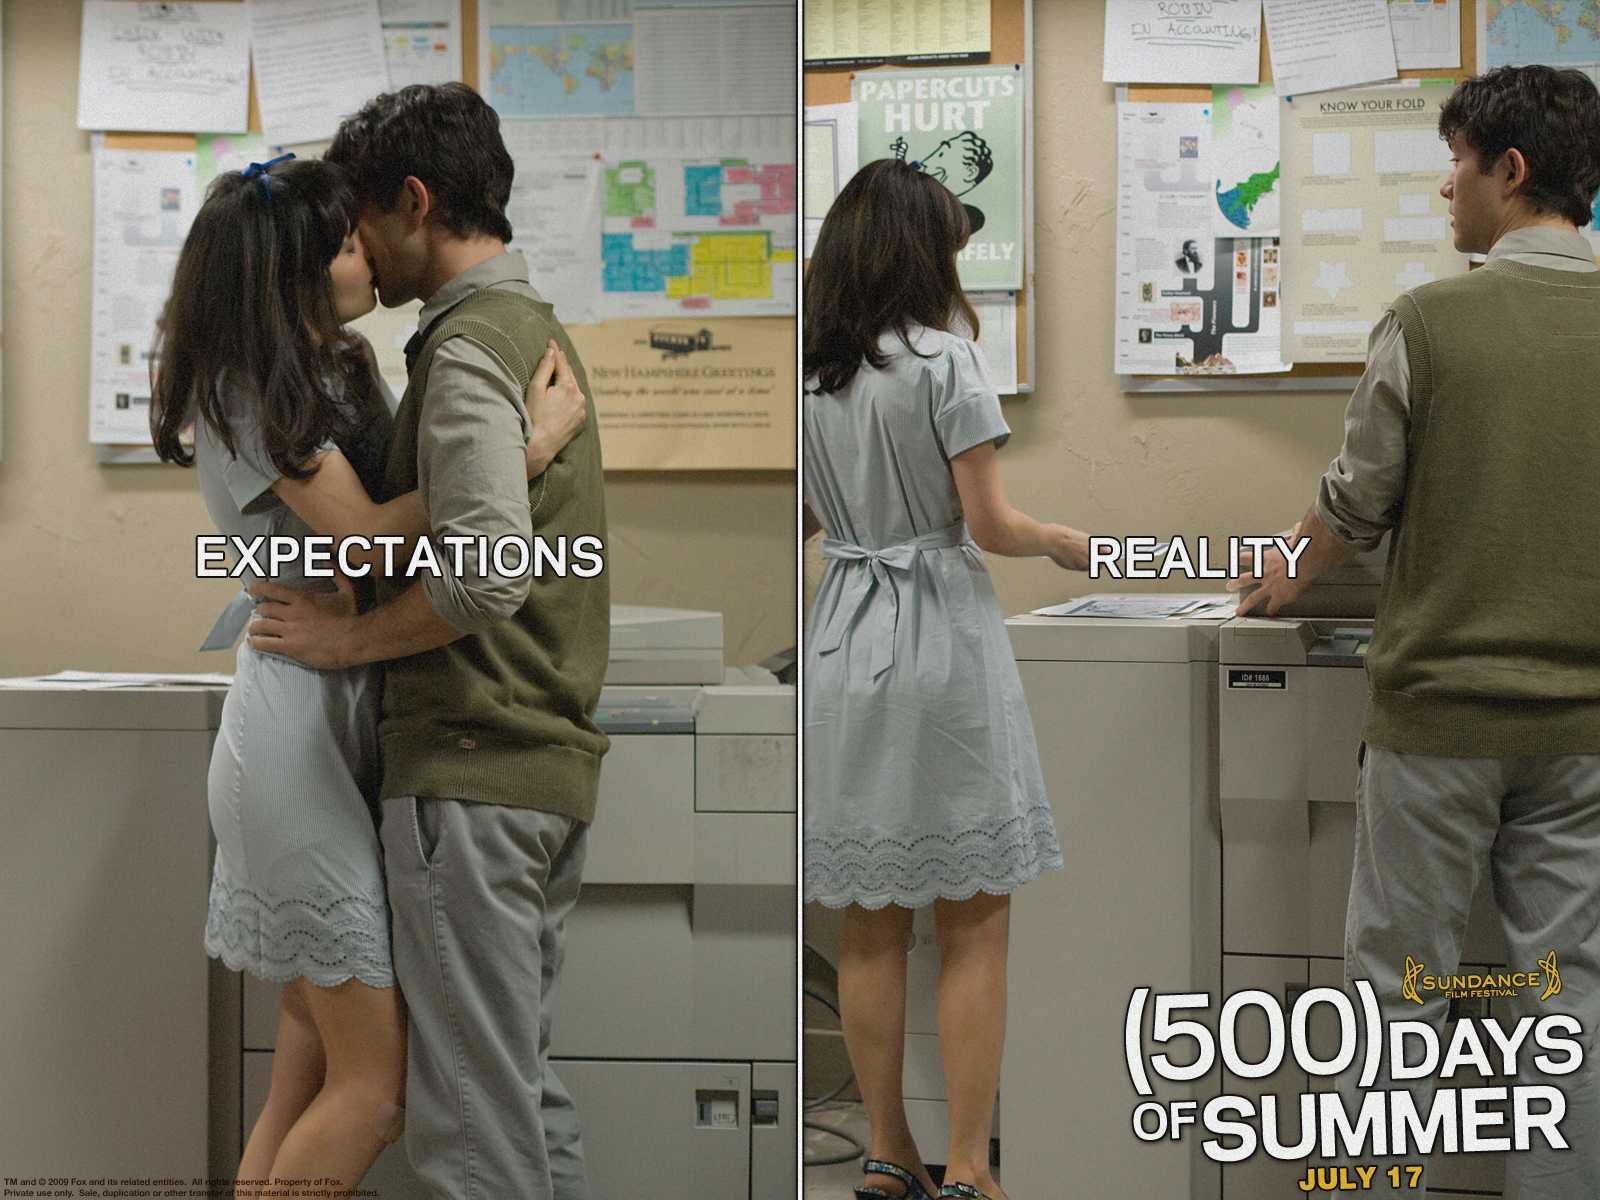 http://4.bp.blogspot.com/_BdS9isHT0n4/TB4HCQkqoEI/AAAAAAAAAig/HOg4k8X_sAI/s1600/2009_500_days_of_summer_wallpaper_004.jpg